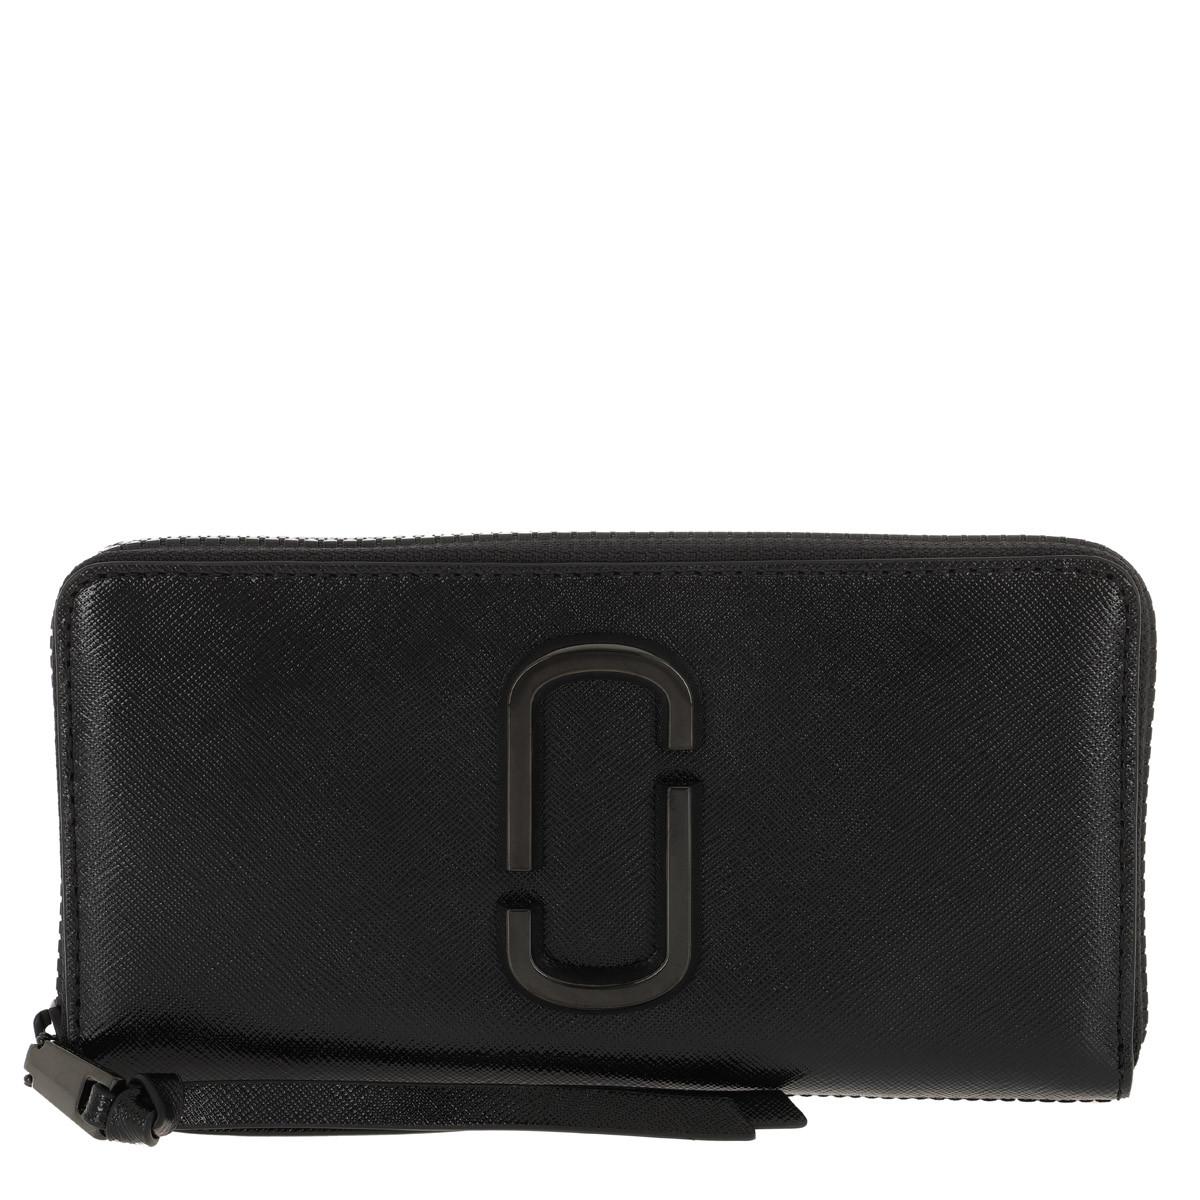 Marc Jacobs Portemonnaie - Snaphot DTM Standard Continental Wallet Black - in schwarz - für Damen